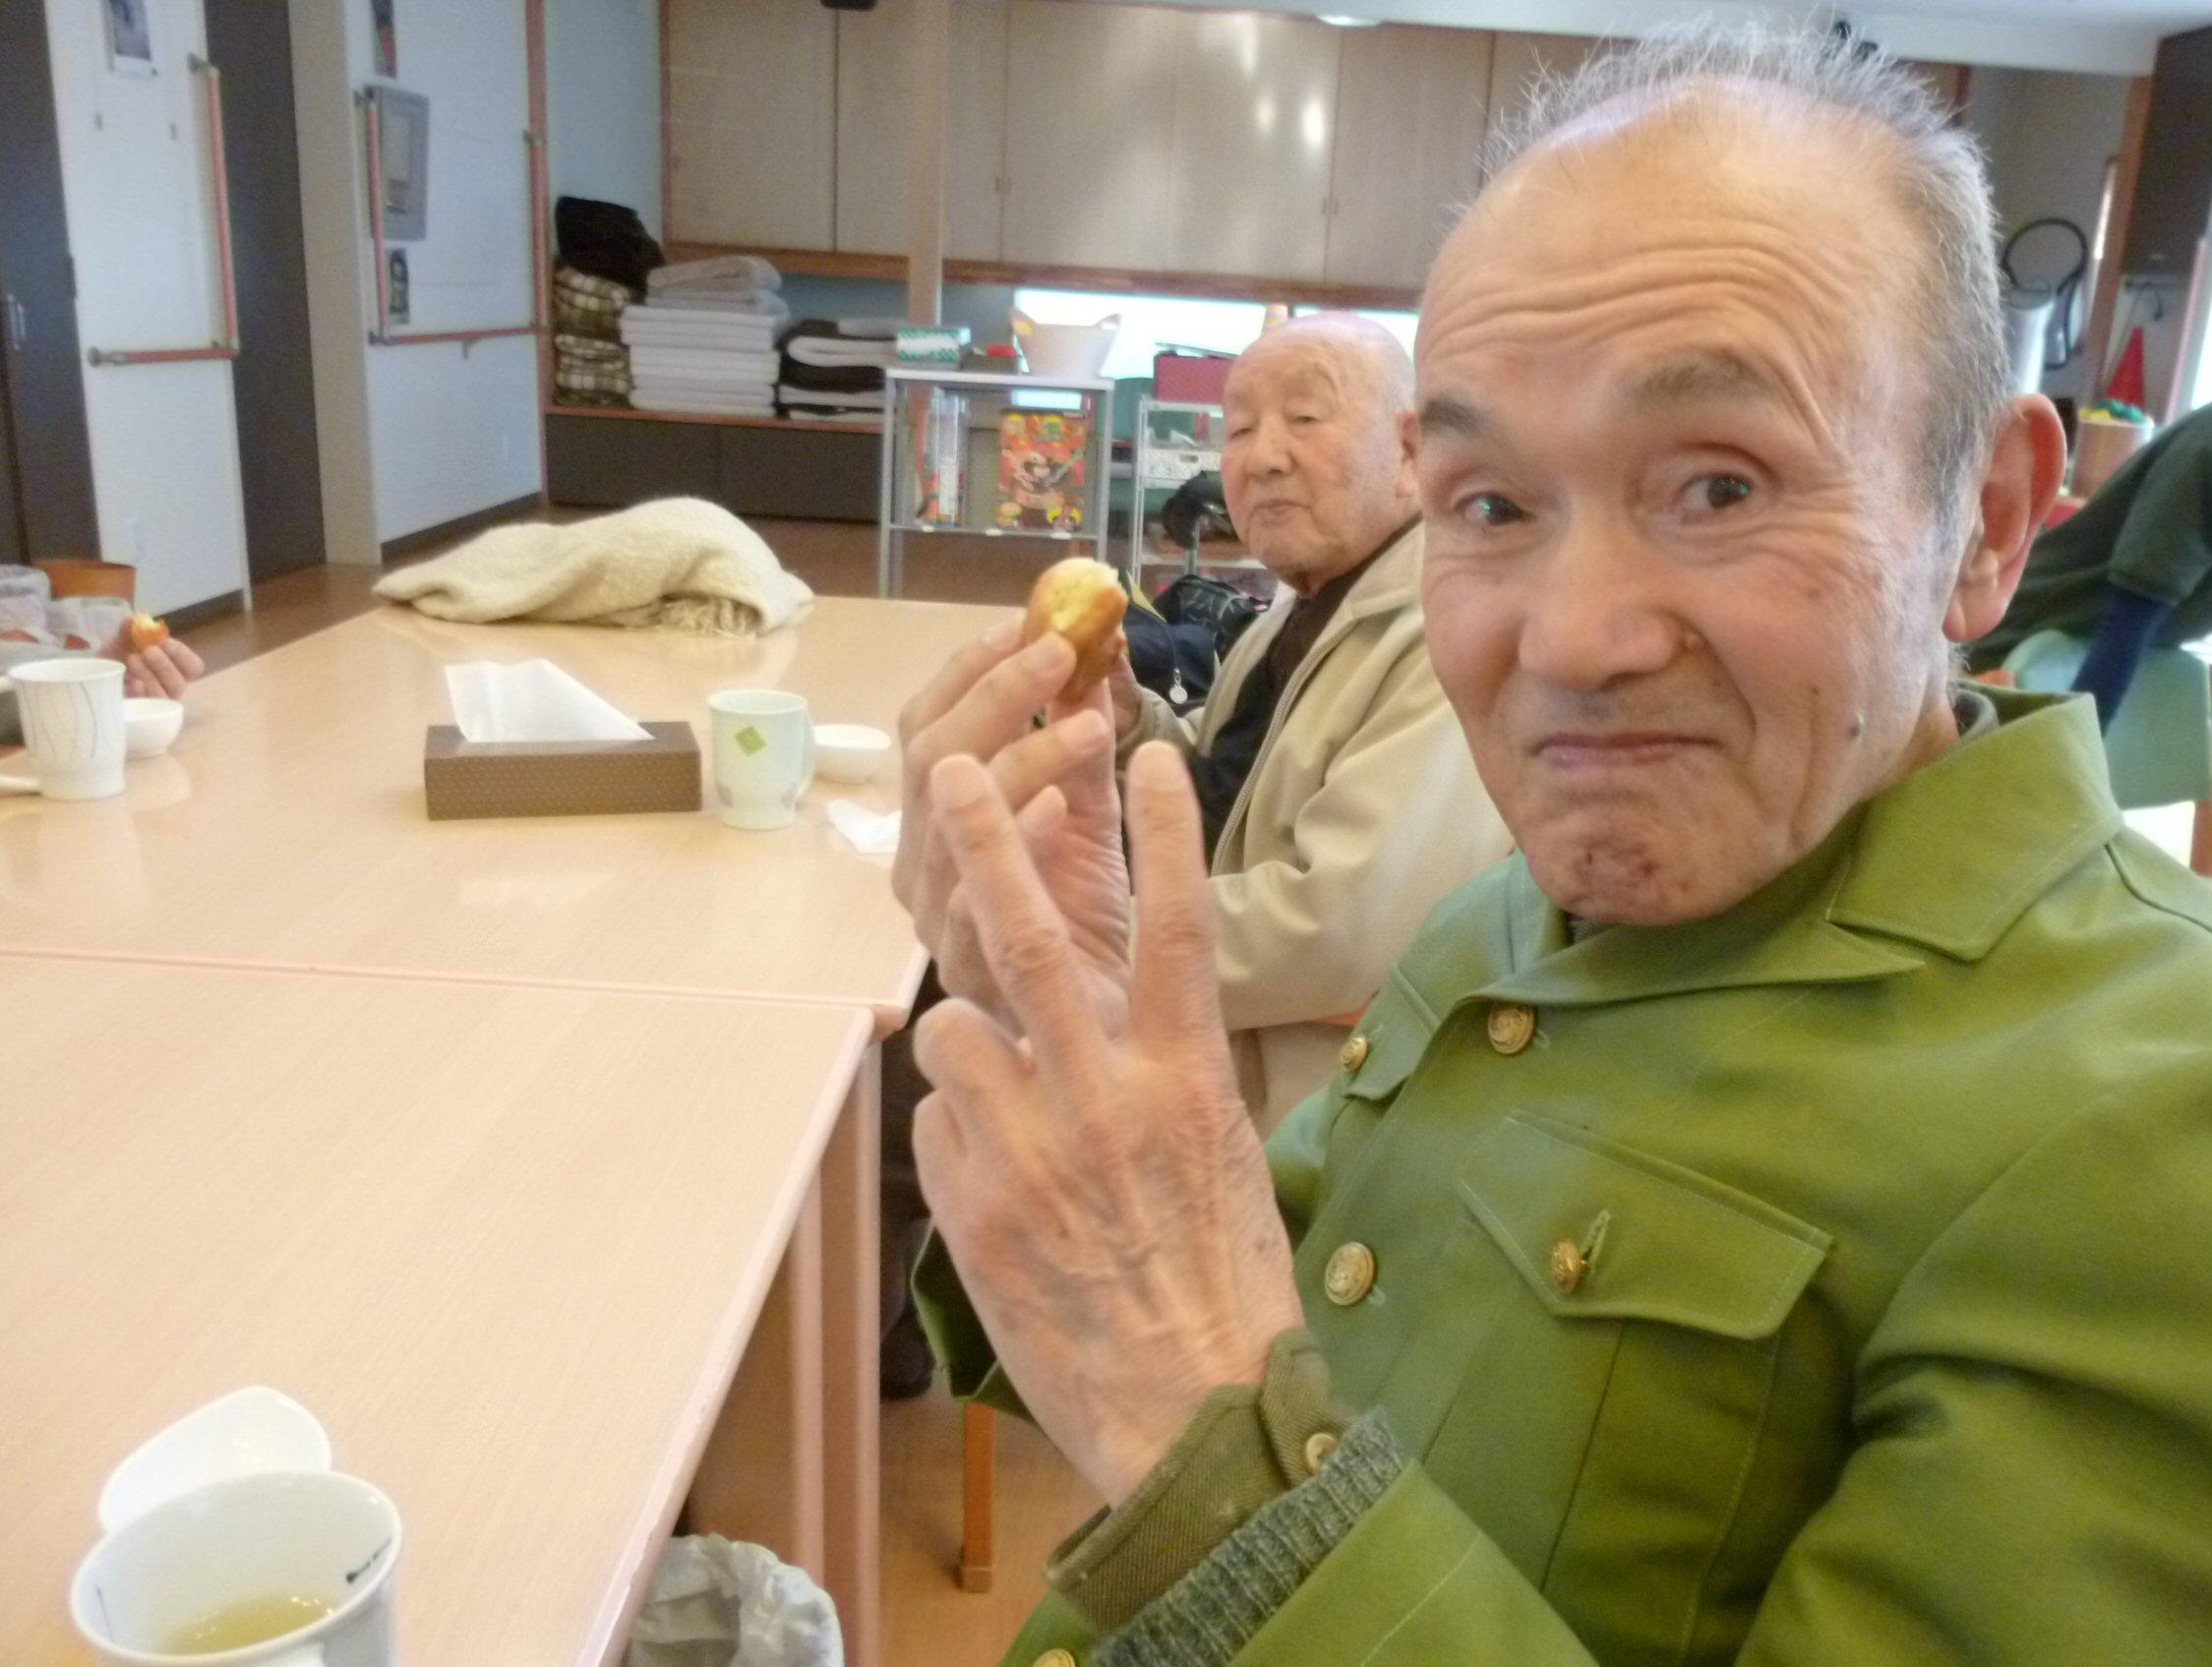 揚げドーナッツ作り (2)